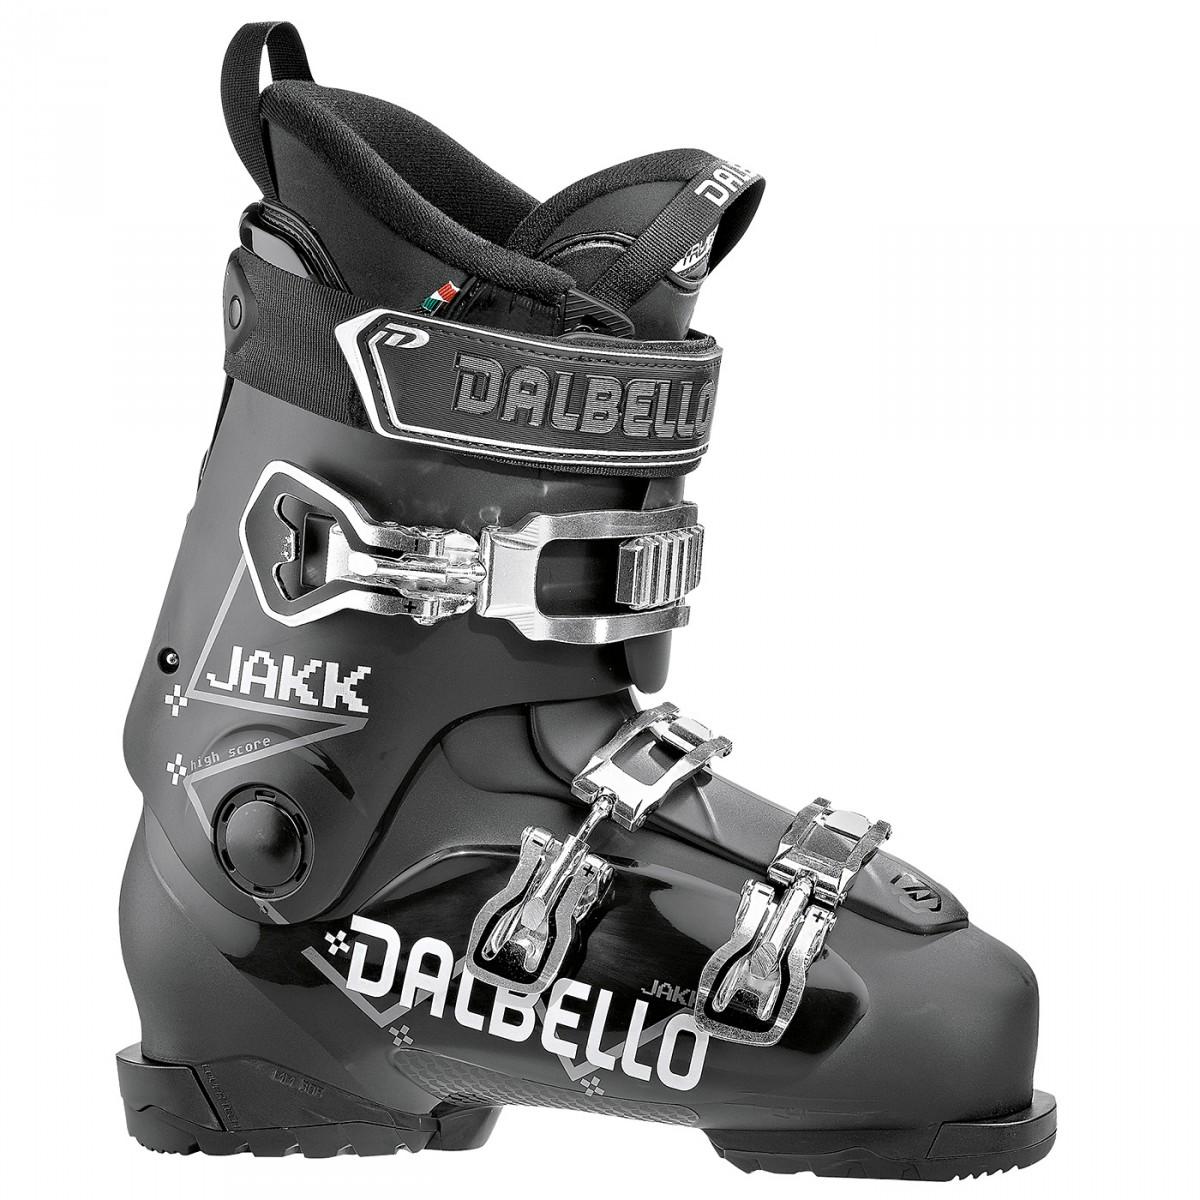 Scarponi sci Dalbello Jakk (Colore: nero, Taglia: 30)